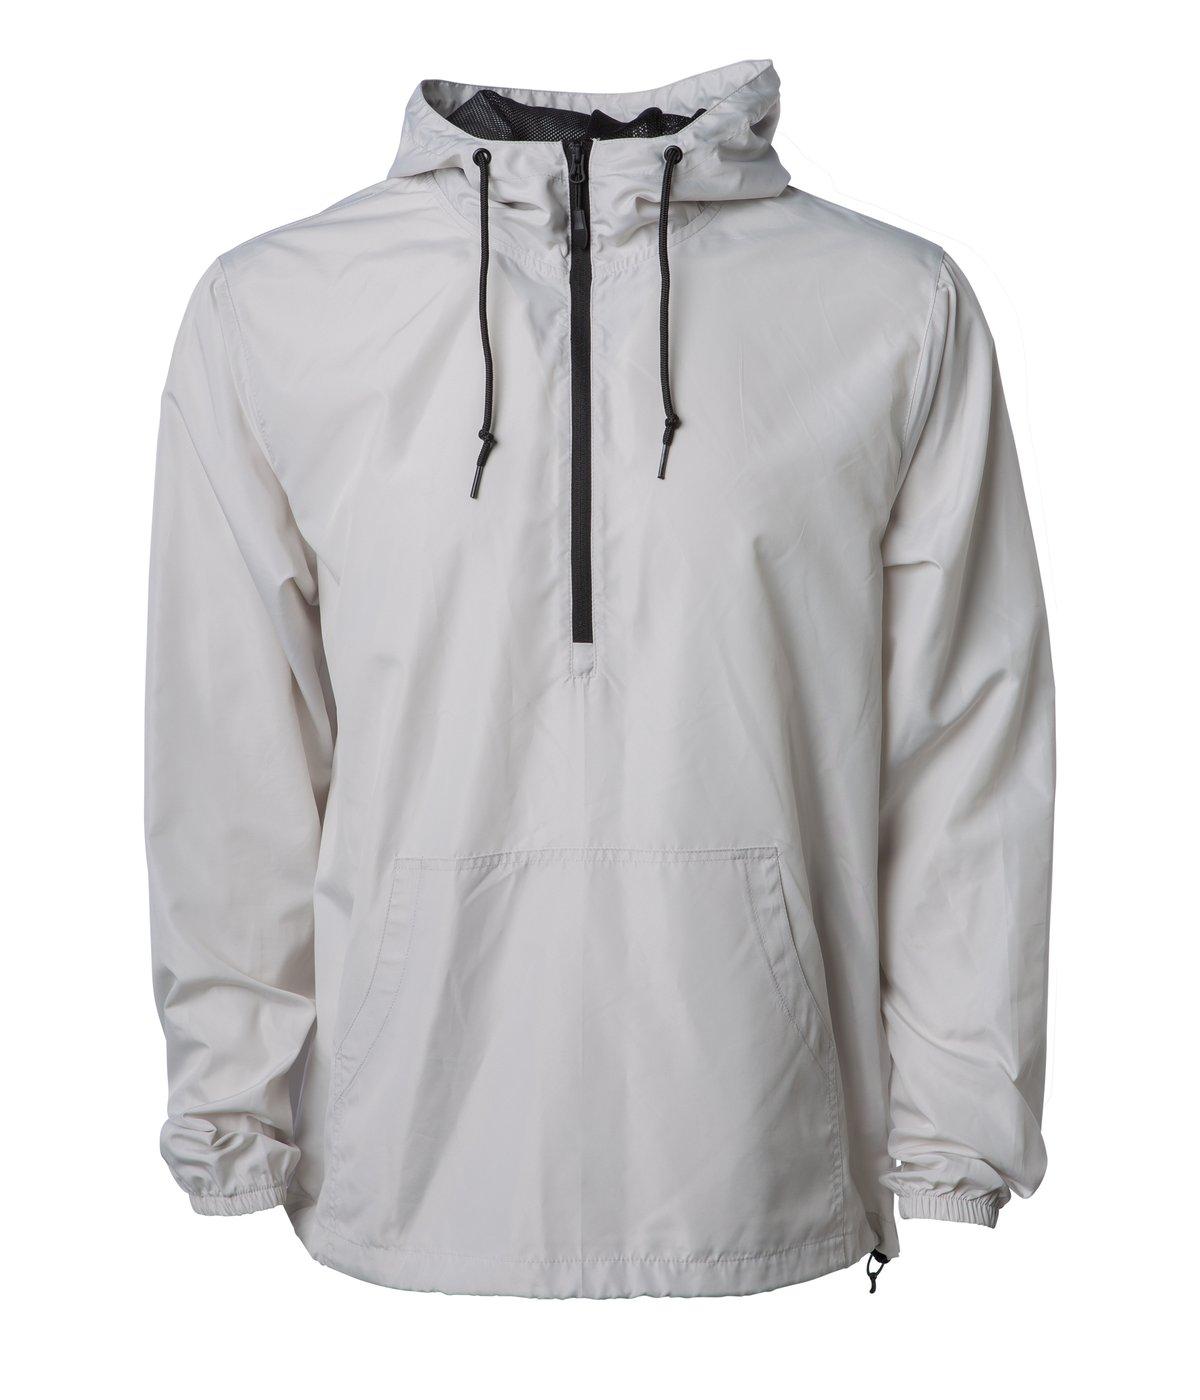 Independent Lightweight Windbreaker Anorak Jacket